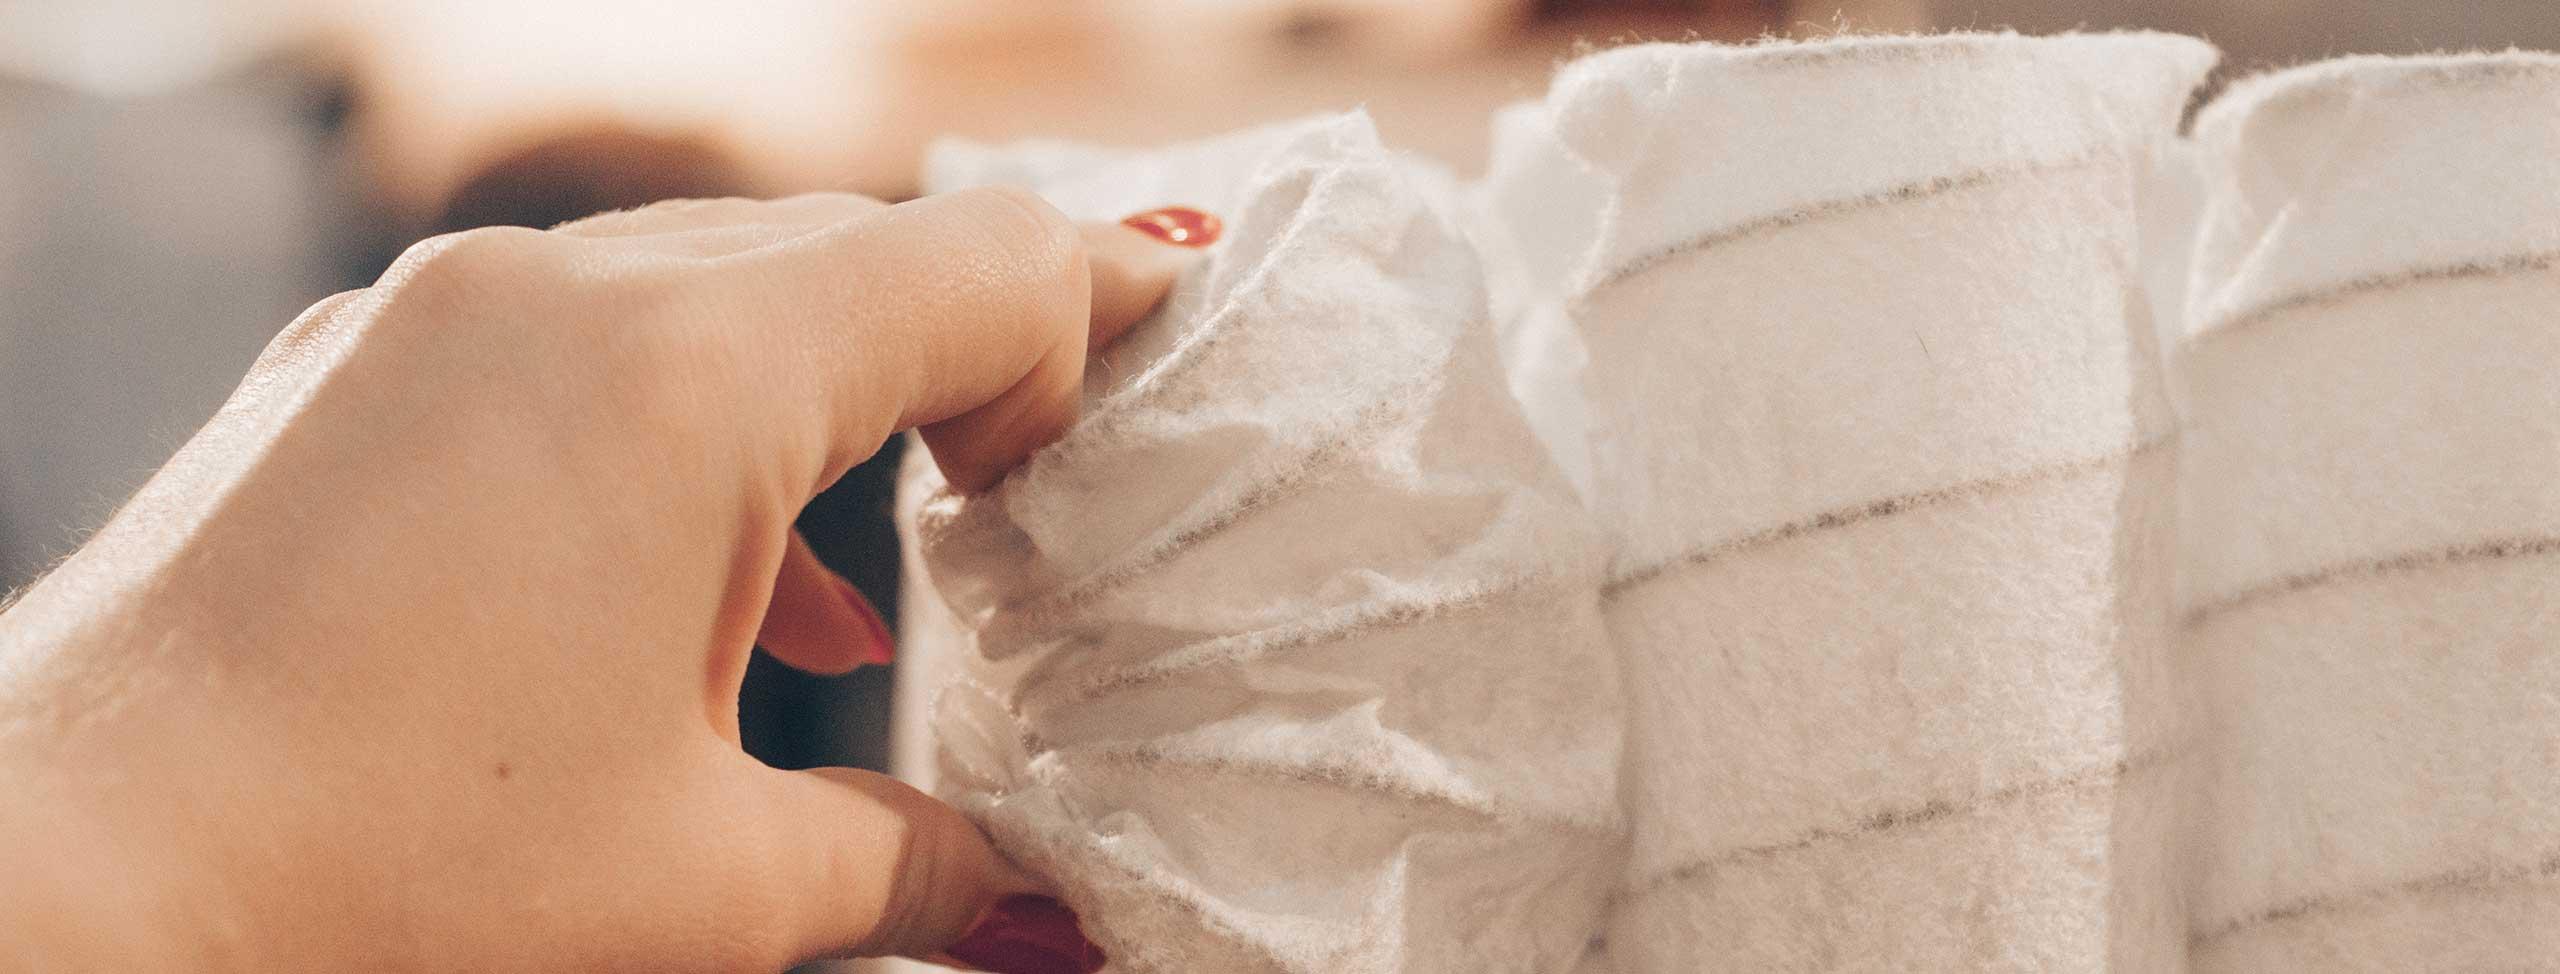 Mattress Shopping Guide